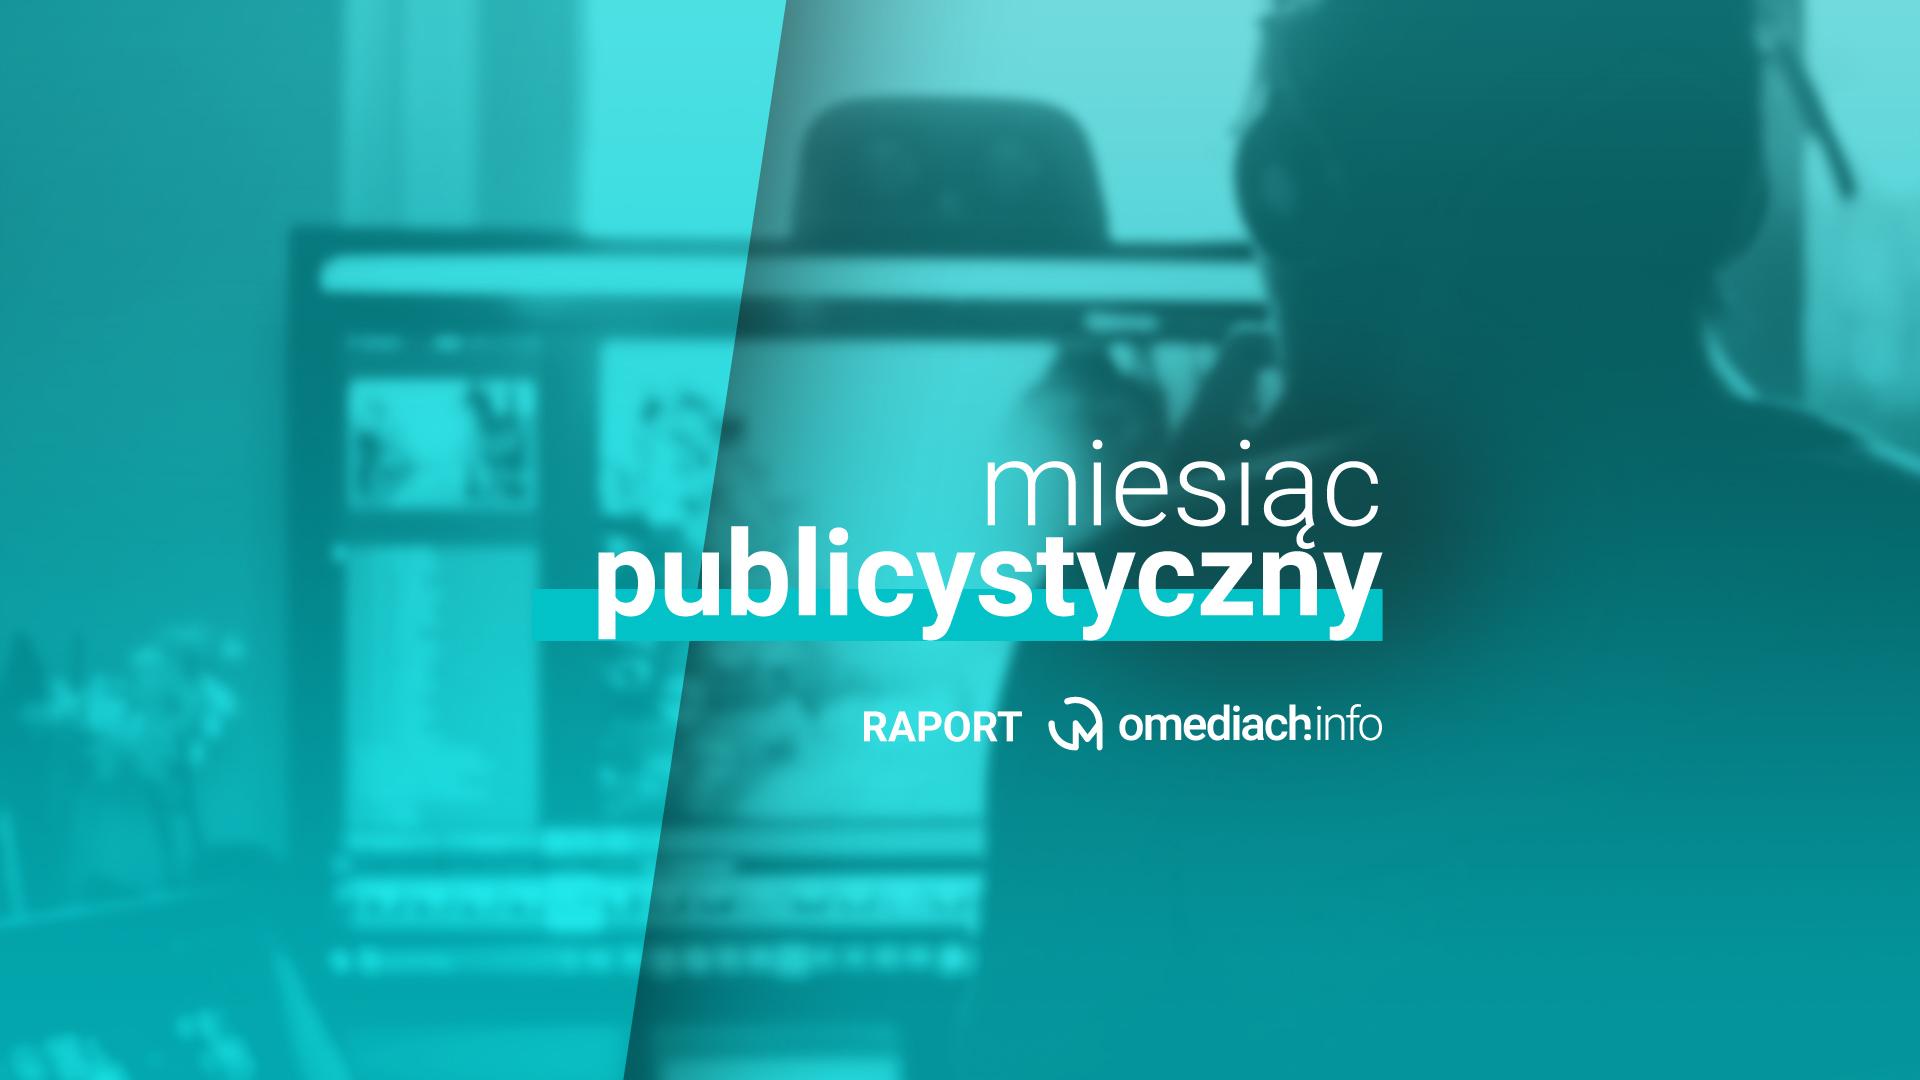 W listopadzie przewaga polityków opozycji nad rządzącymi w TVN24